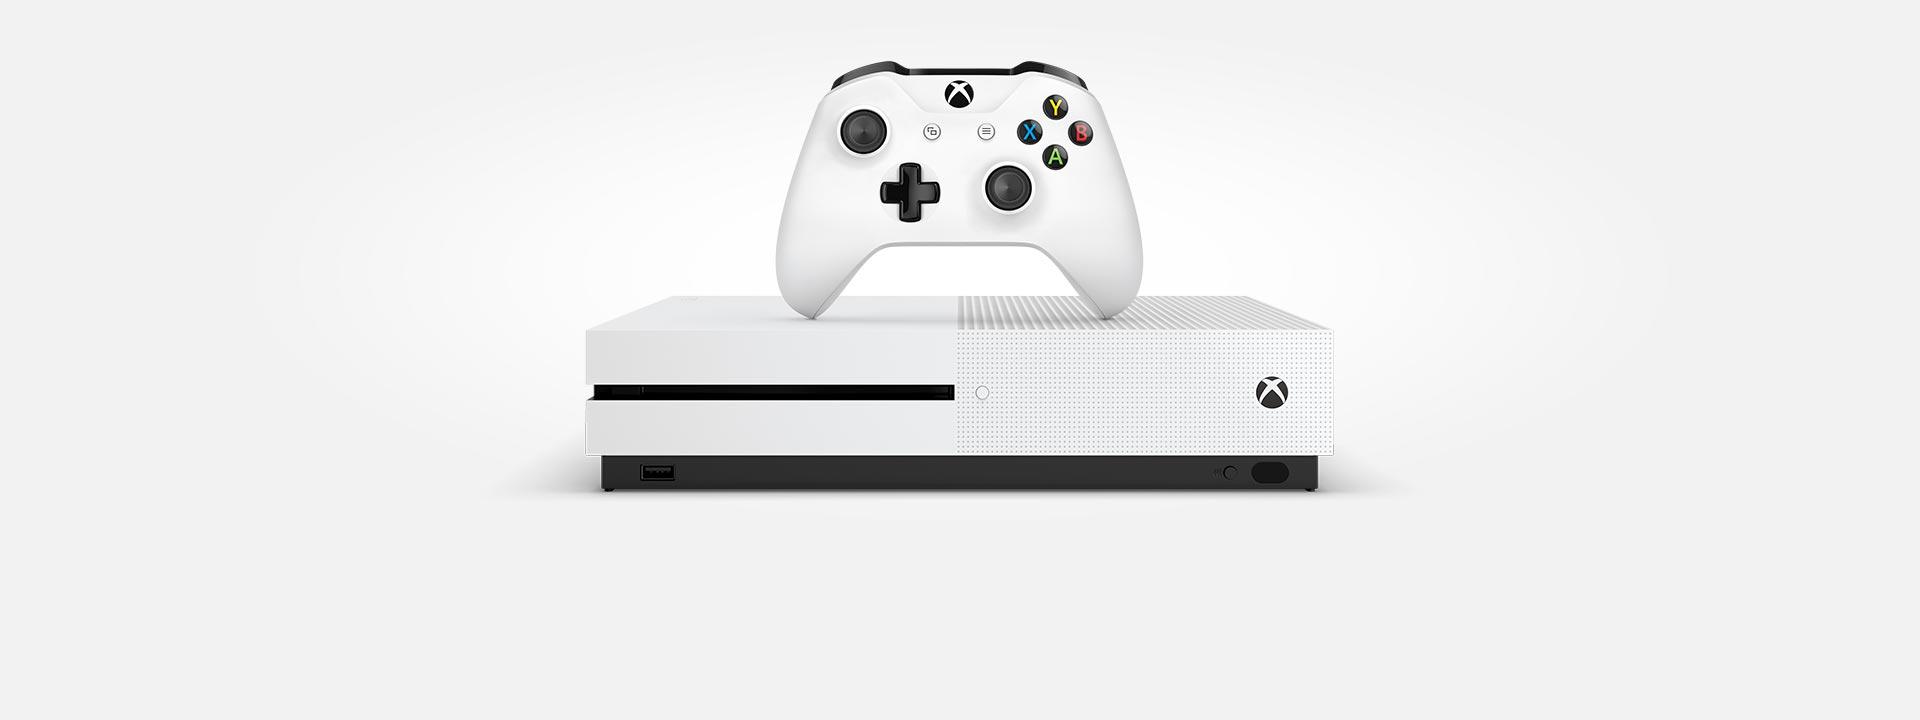 Xbox One S Konsole und Controller, jetzt kaufen